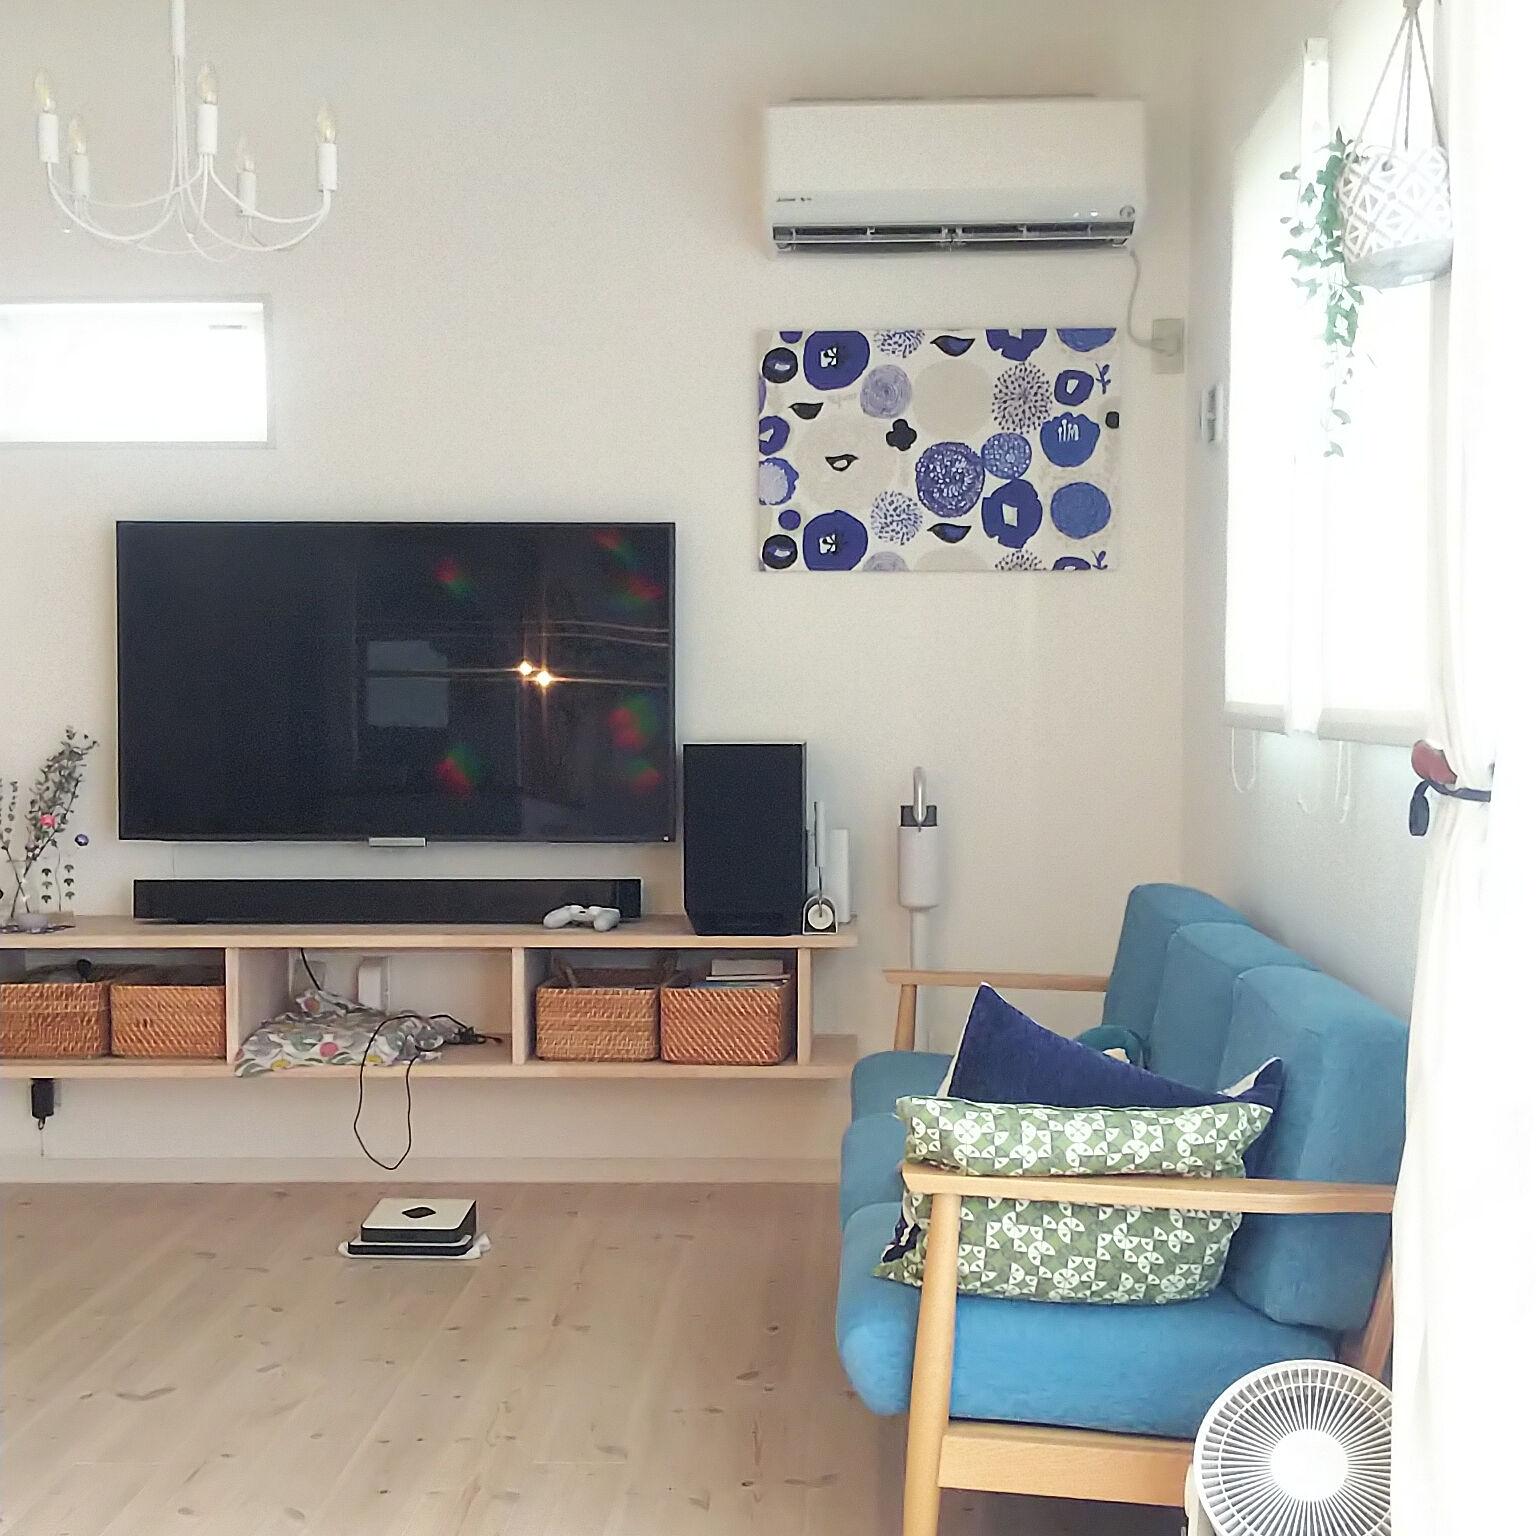 掃除しやすい環境づくりが大切!きれいな家が続くコツ10選